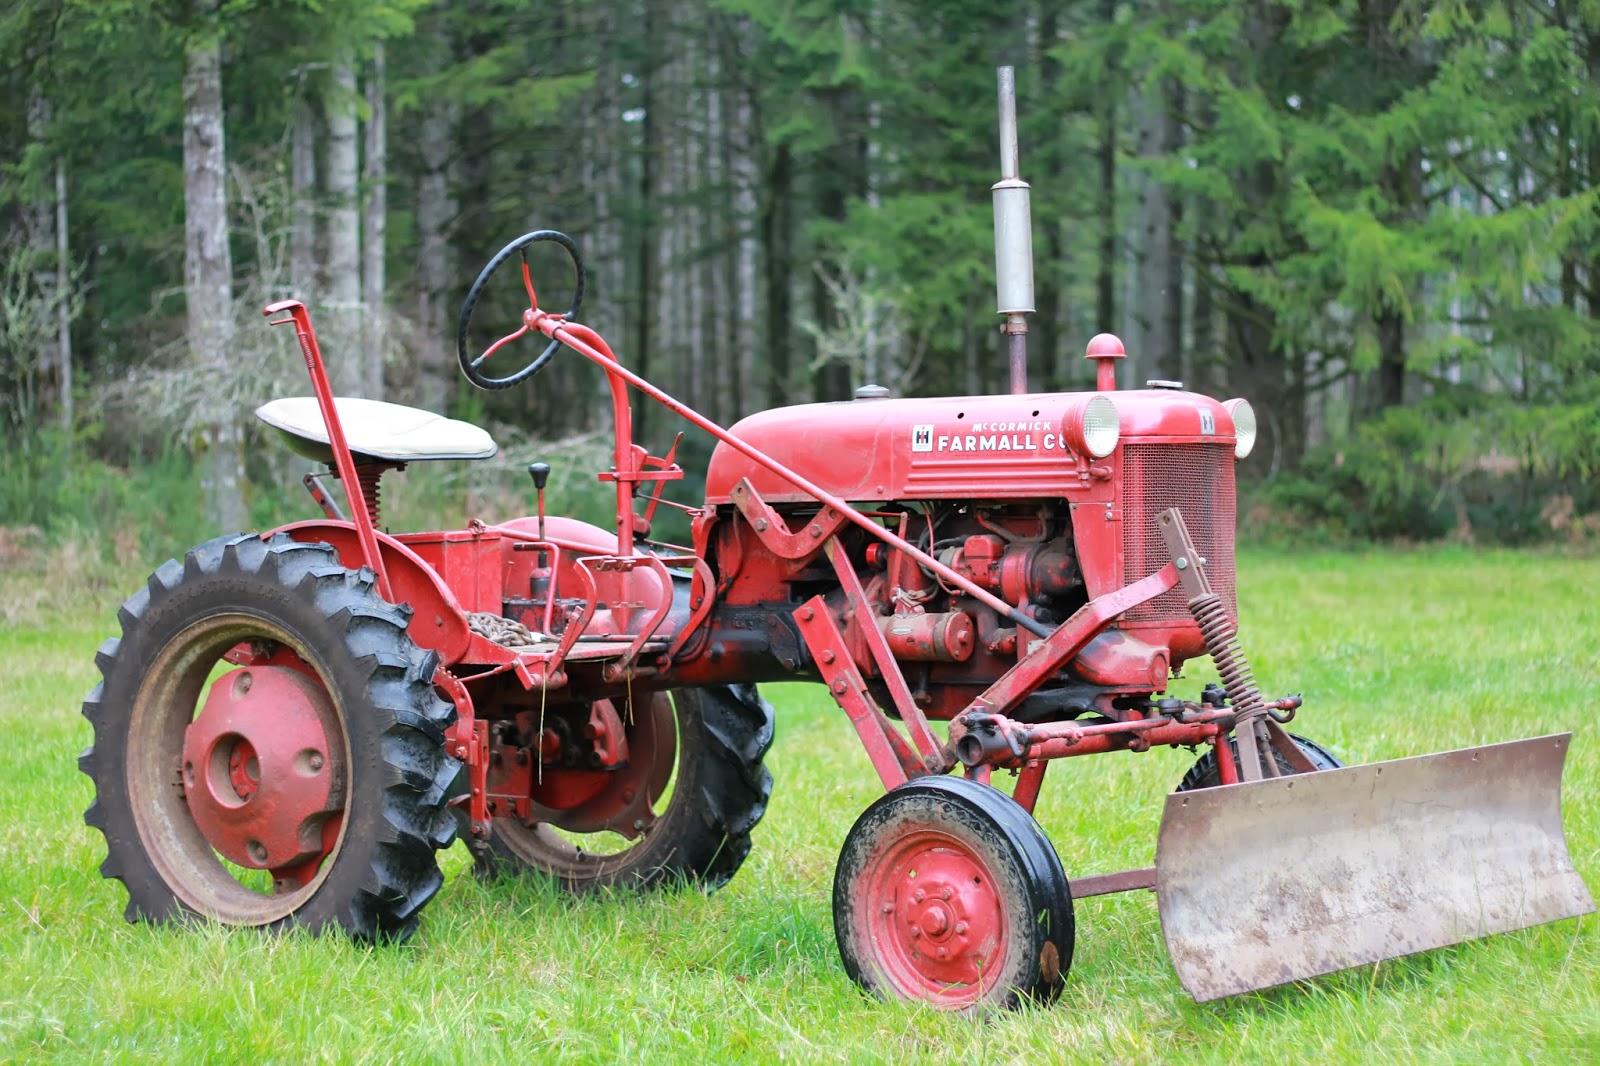 Farmall Cultivator Parts : Oracle farms at delphi cultivator for the farmall cub